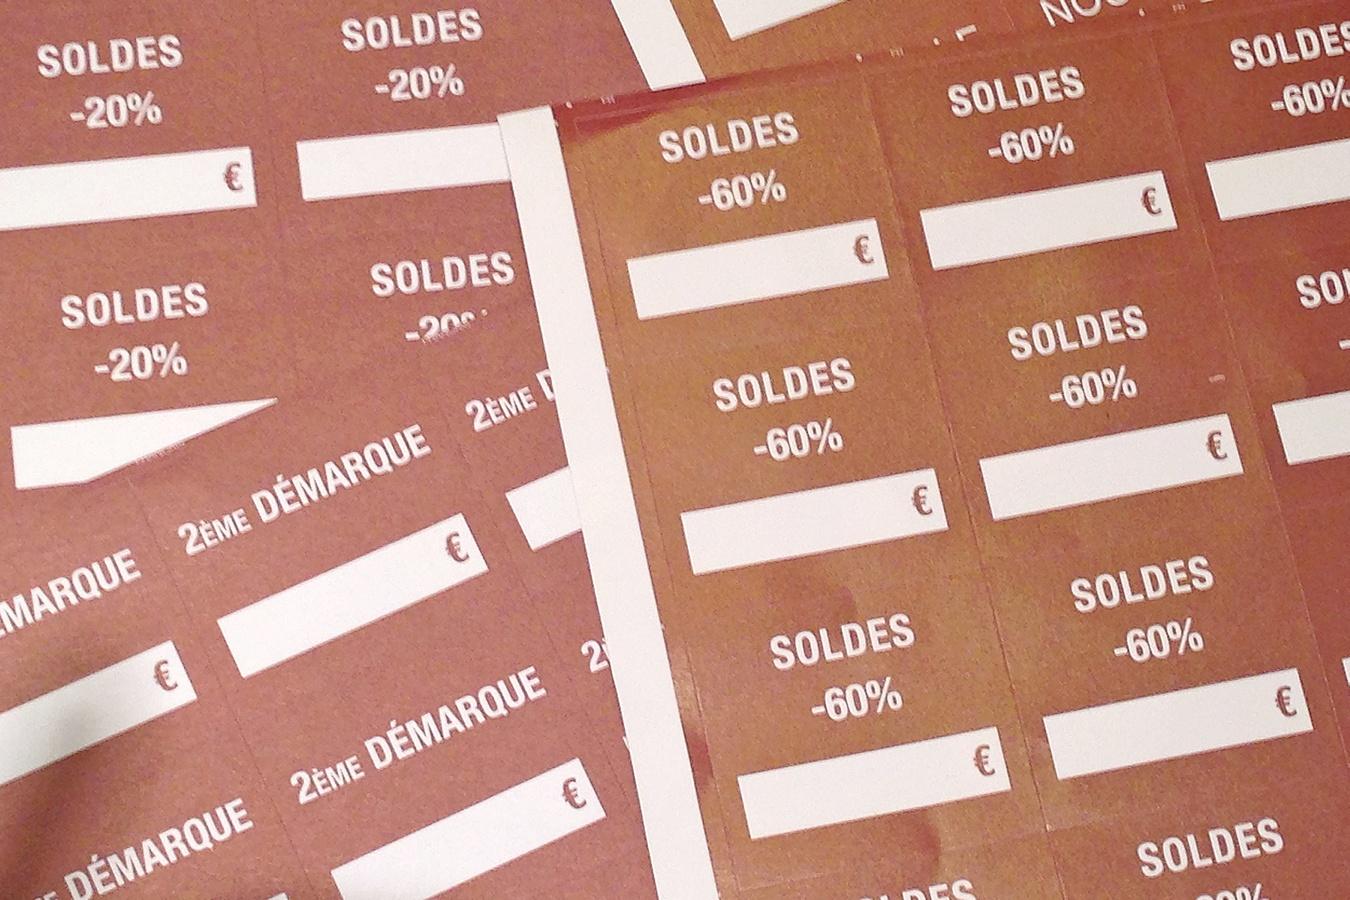 vendeuse - comptoir des cotonniers - soldes